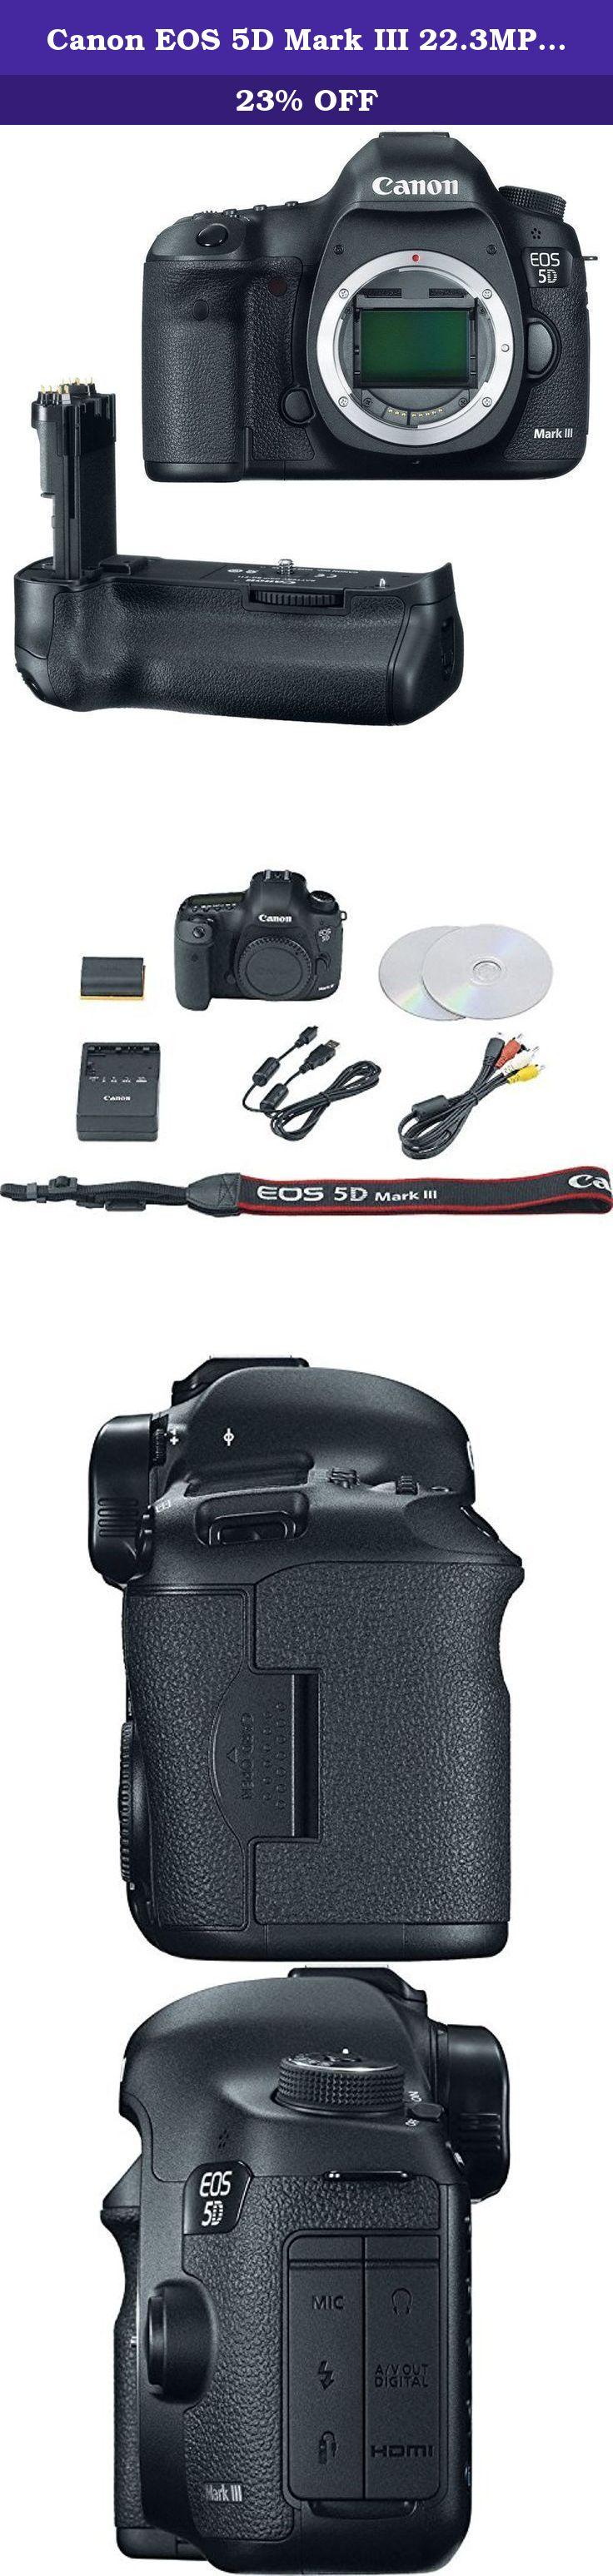 Canon EOS 5D Mark III 22.3MP Full Frame CMOS w/ 1080p Full-… | DSLR ...